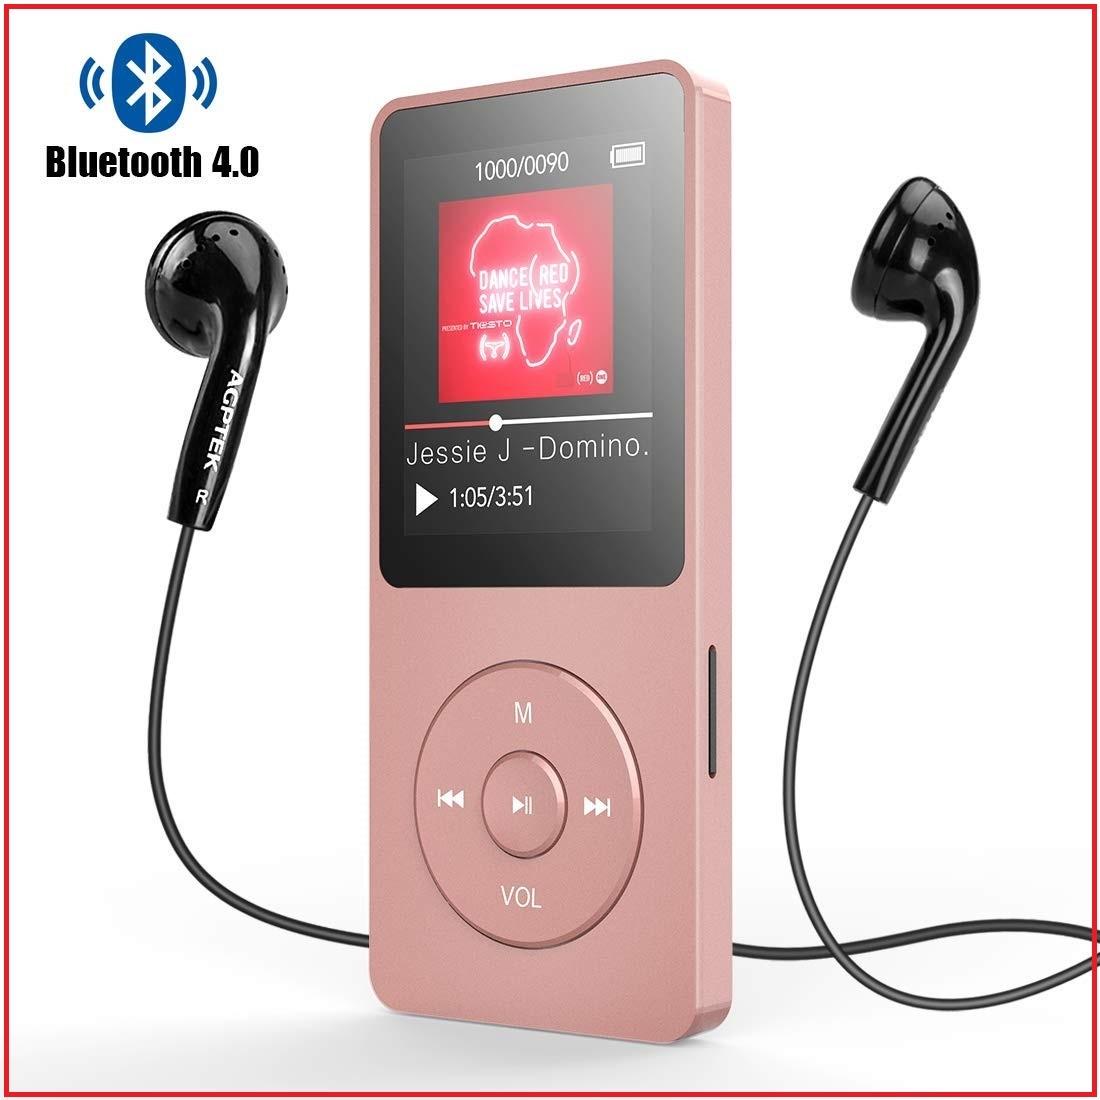 ★新品・未使用★ Bluetooth4.0 MP3プレーヤー HIFI高音質 超軽量 歩数計/FMラジオ 多機能 内蔵8GB マイクロSDカード128GBまで対応